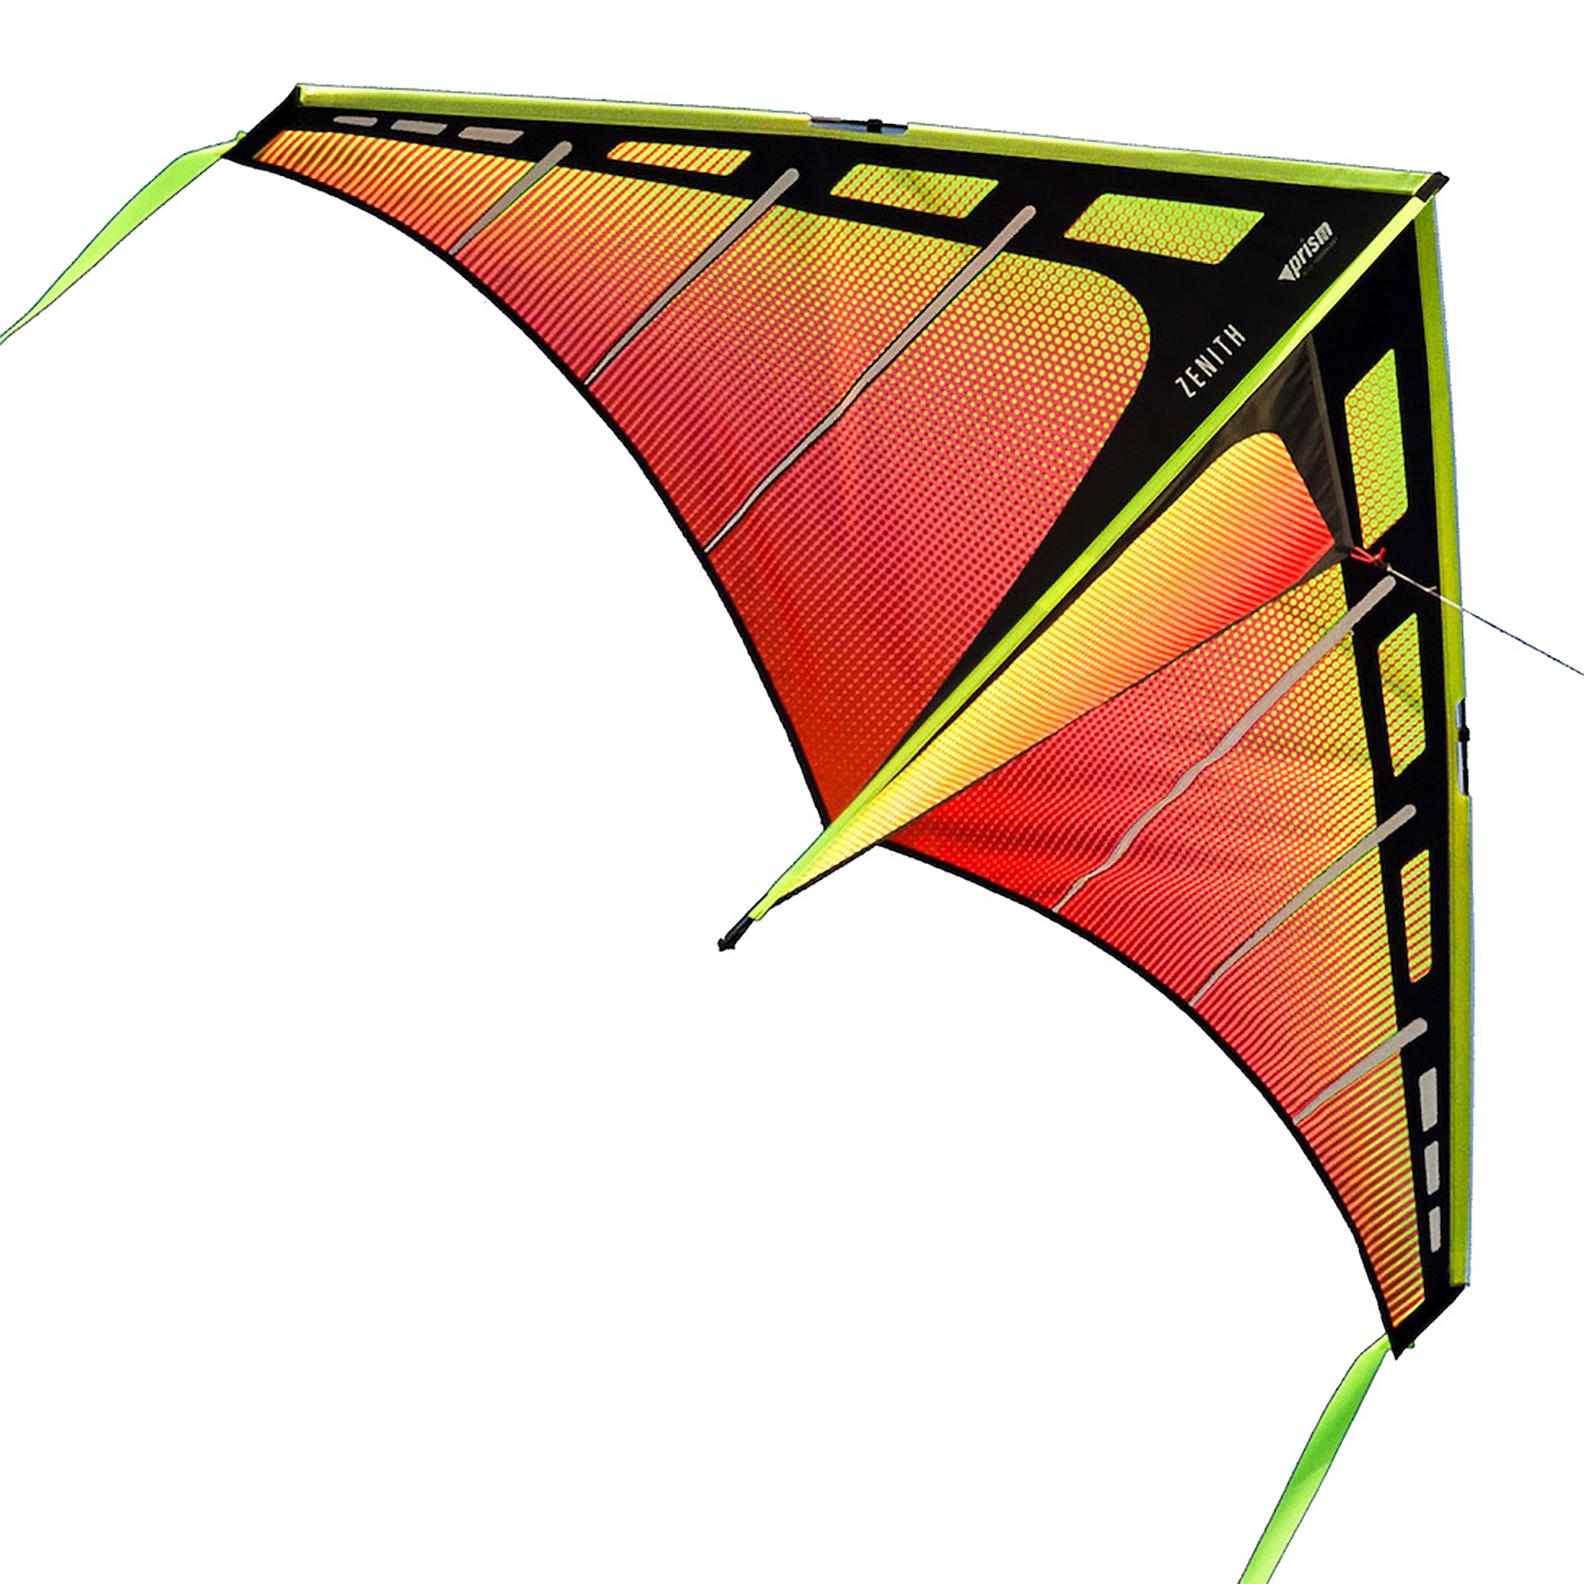 Zenith 5 Delta Kite, Infrared-1